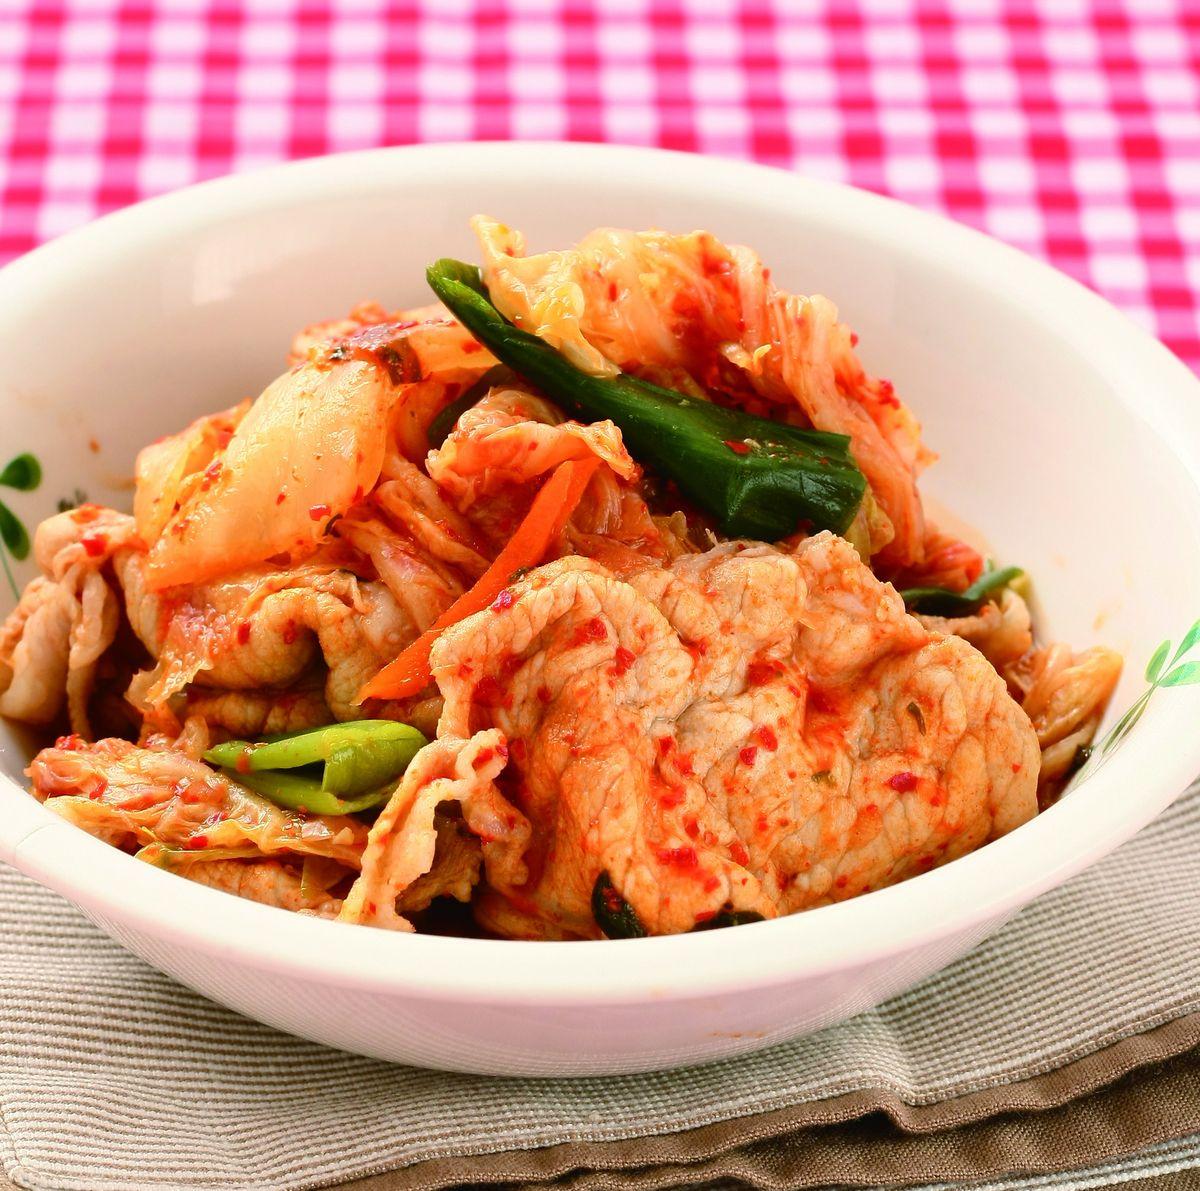 食譜:泡菜肉片(1)